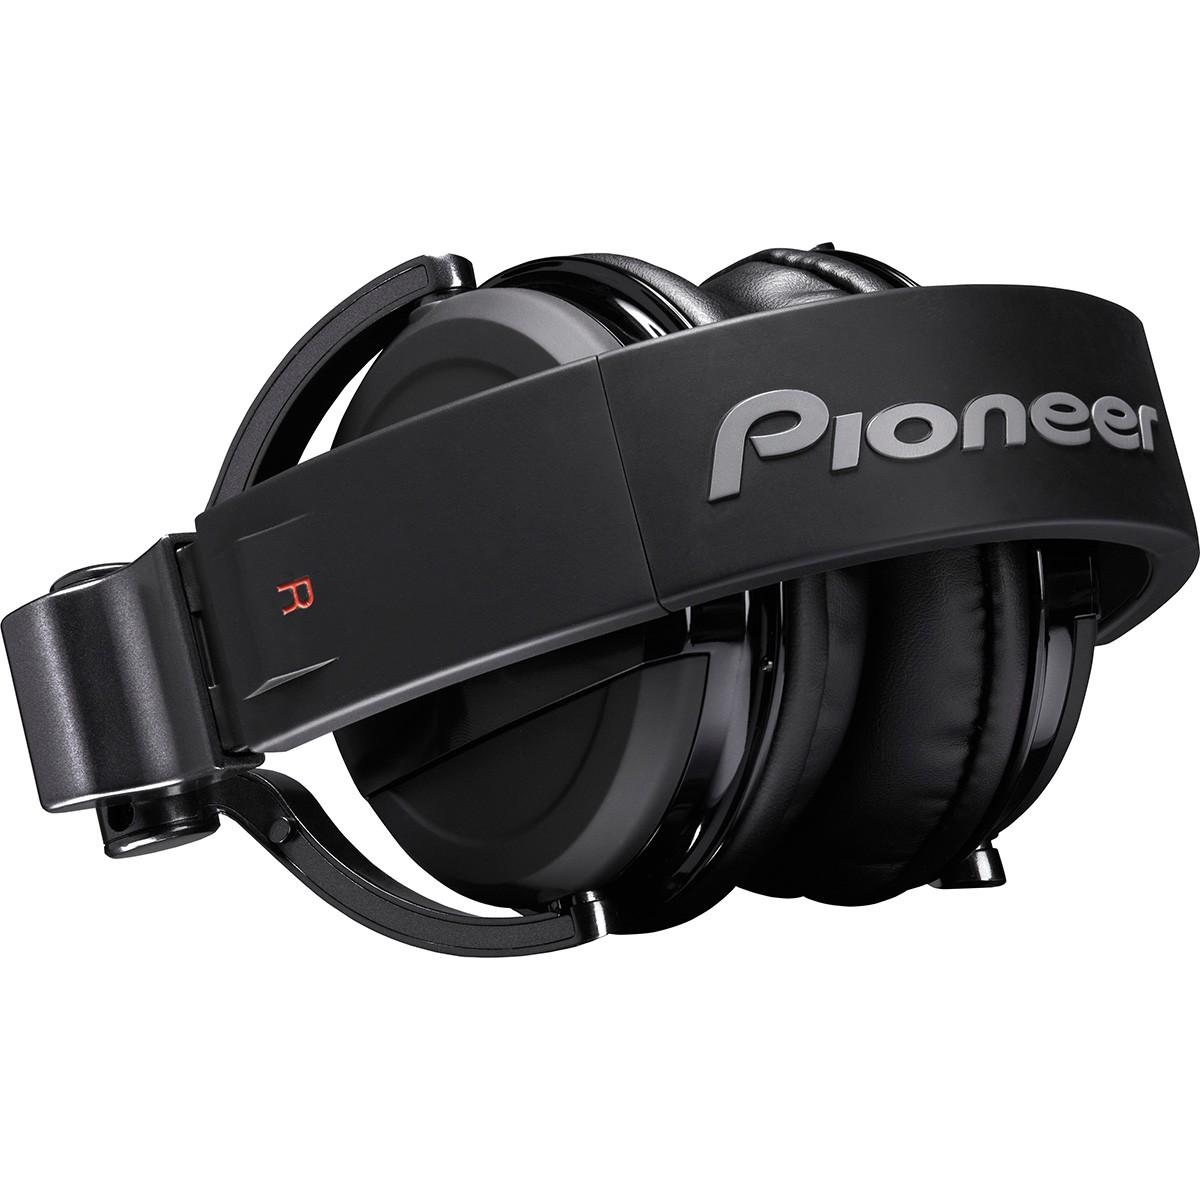 Pioneer HDJ-1500 Fone de Ouvido, Preto